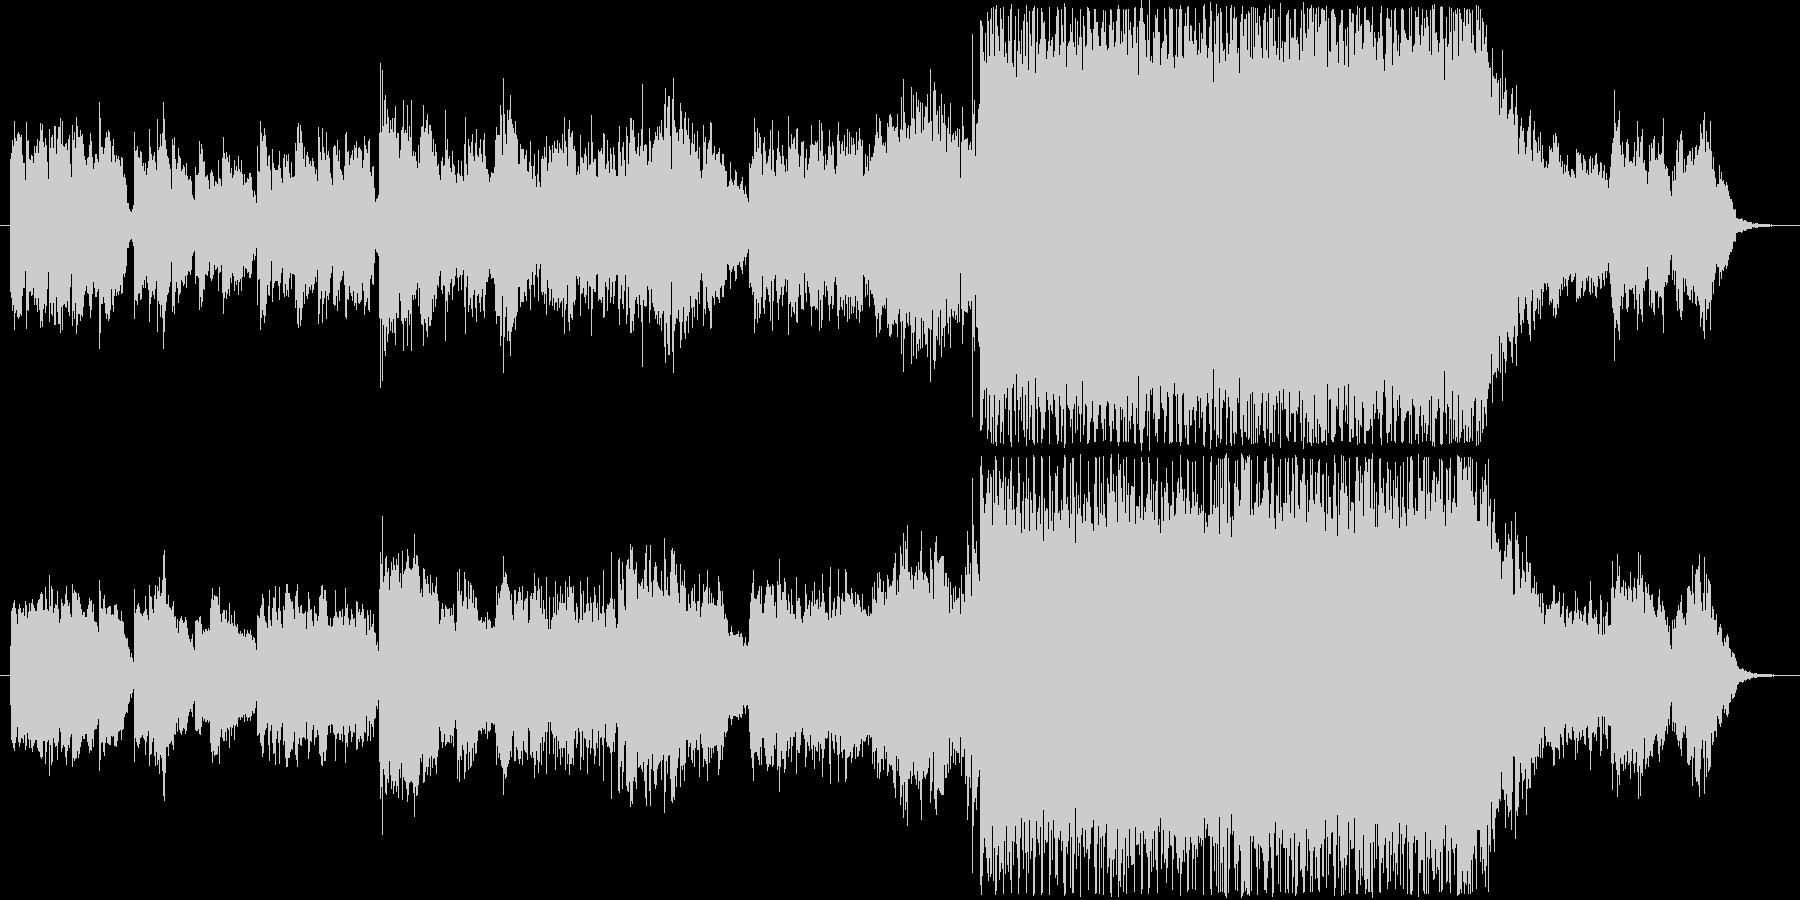 サイバーパンクな街のイメージのBGMの未再生の波形